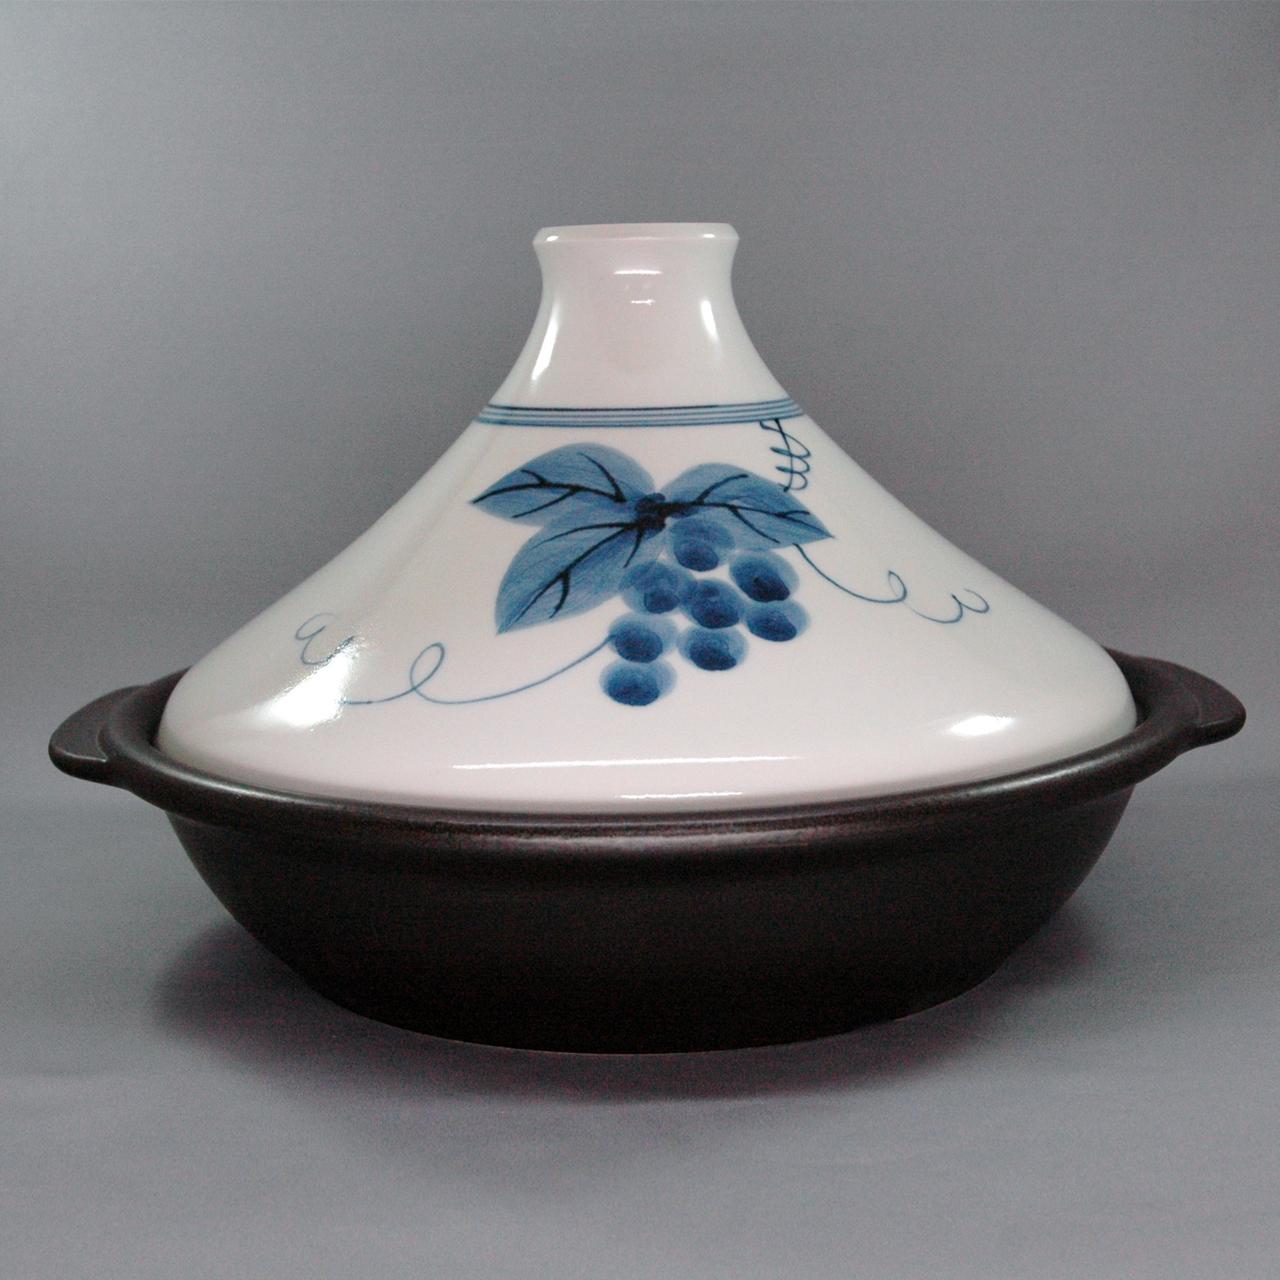 BIGタジン鍋 (ぶどう絵) 40-002-B